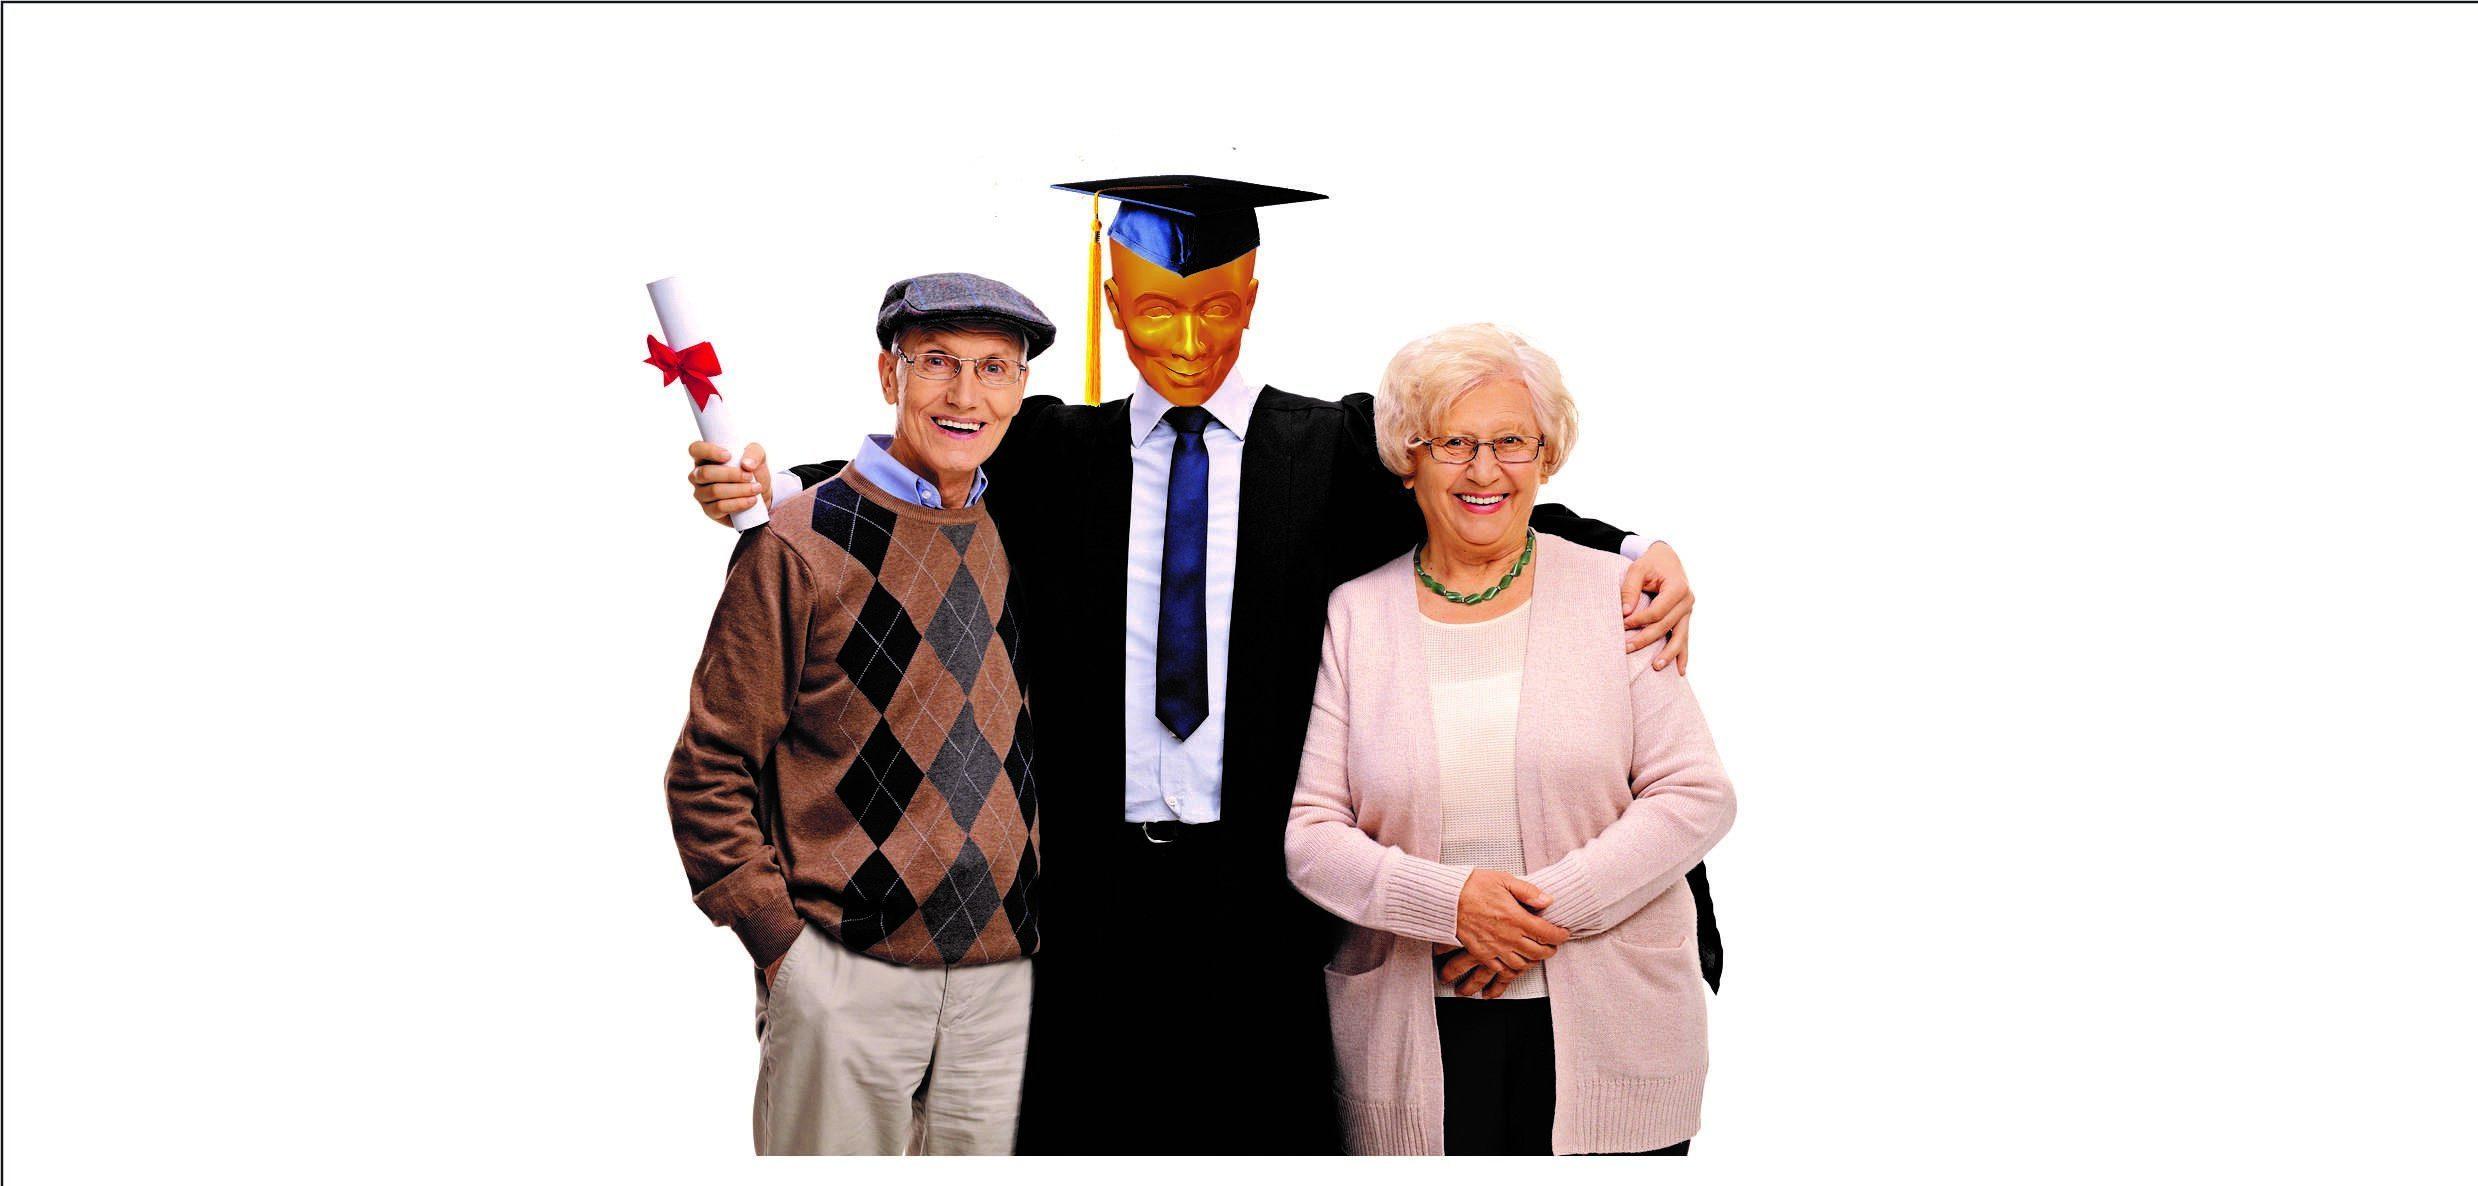 Plastic Pete Graduates